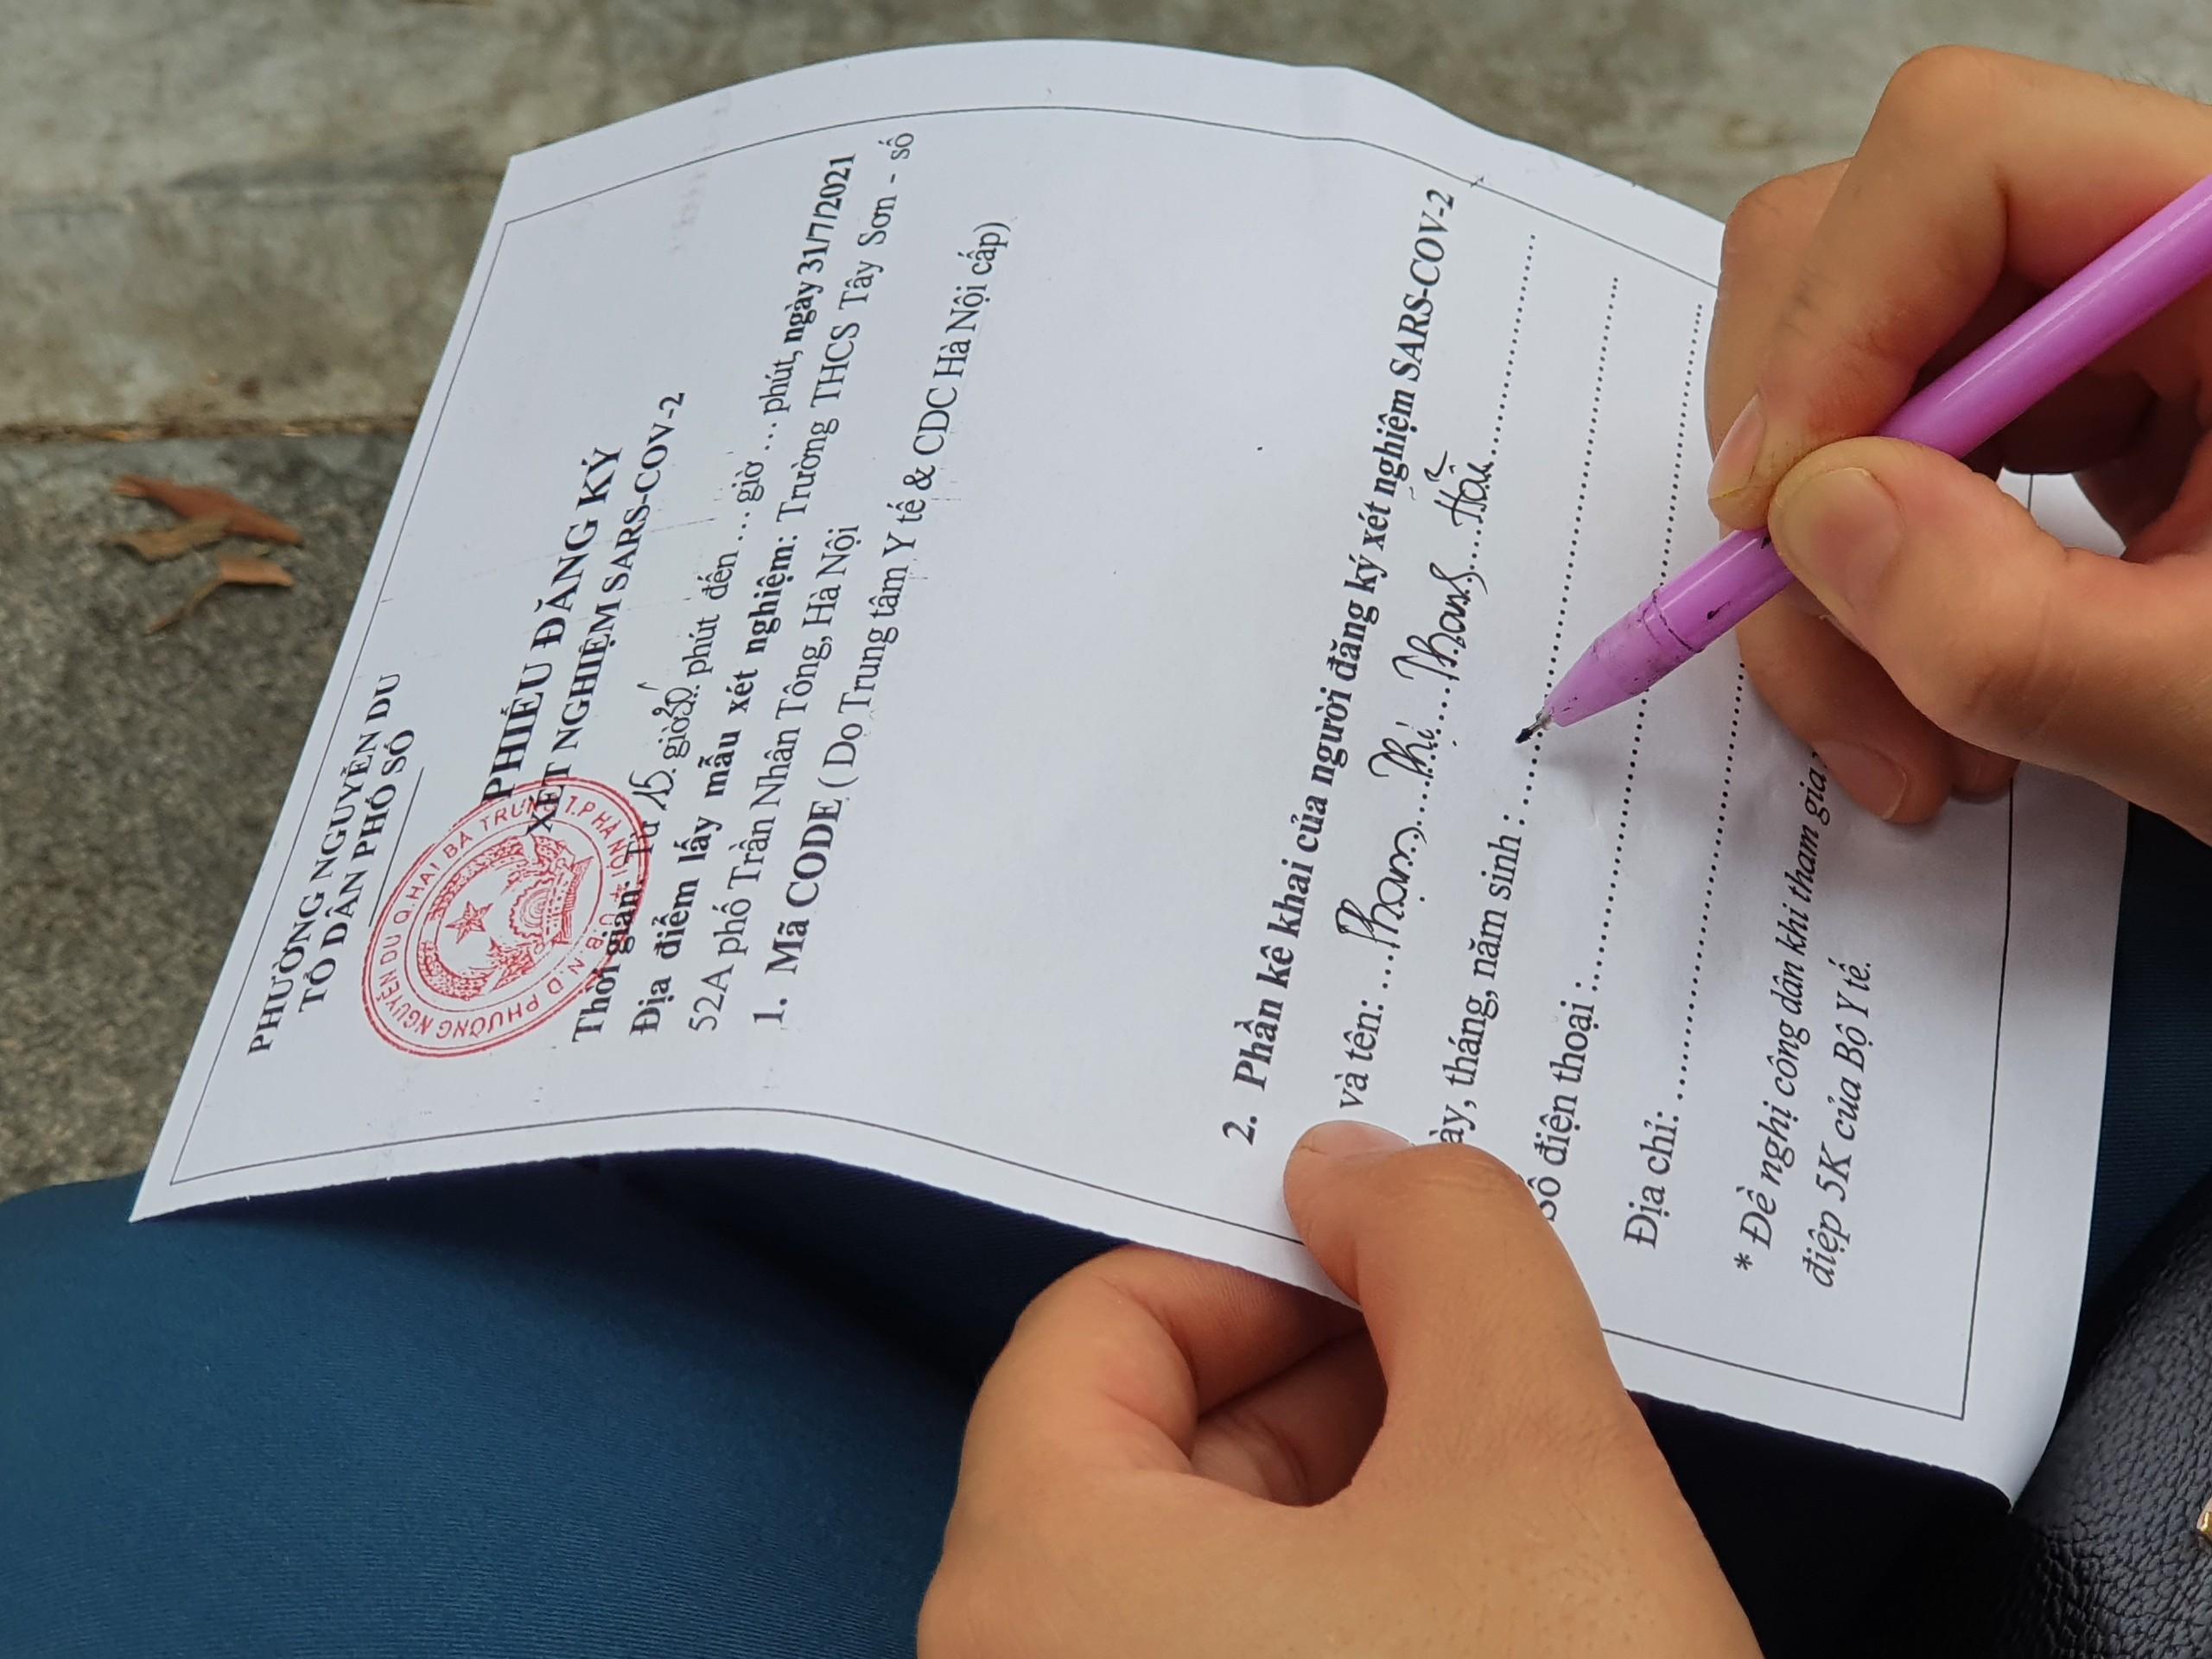 Tuy nhiên, Ban tổ chức vẫn chuẩn bị một số lượng phiếu đăng kí dành cho những người quên không mang theo hoặc làm mất, làm hỏng...